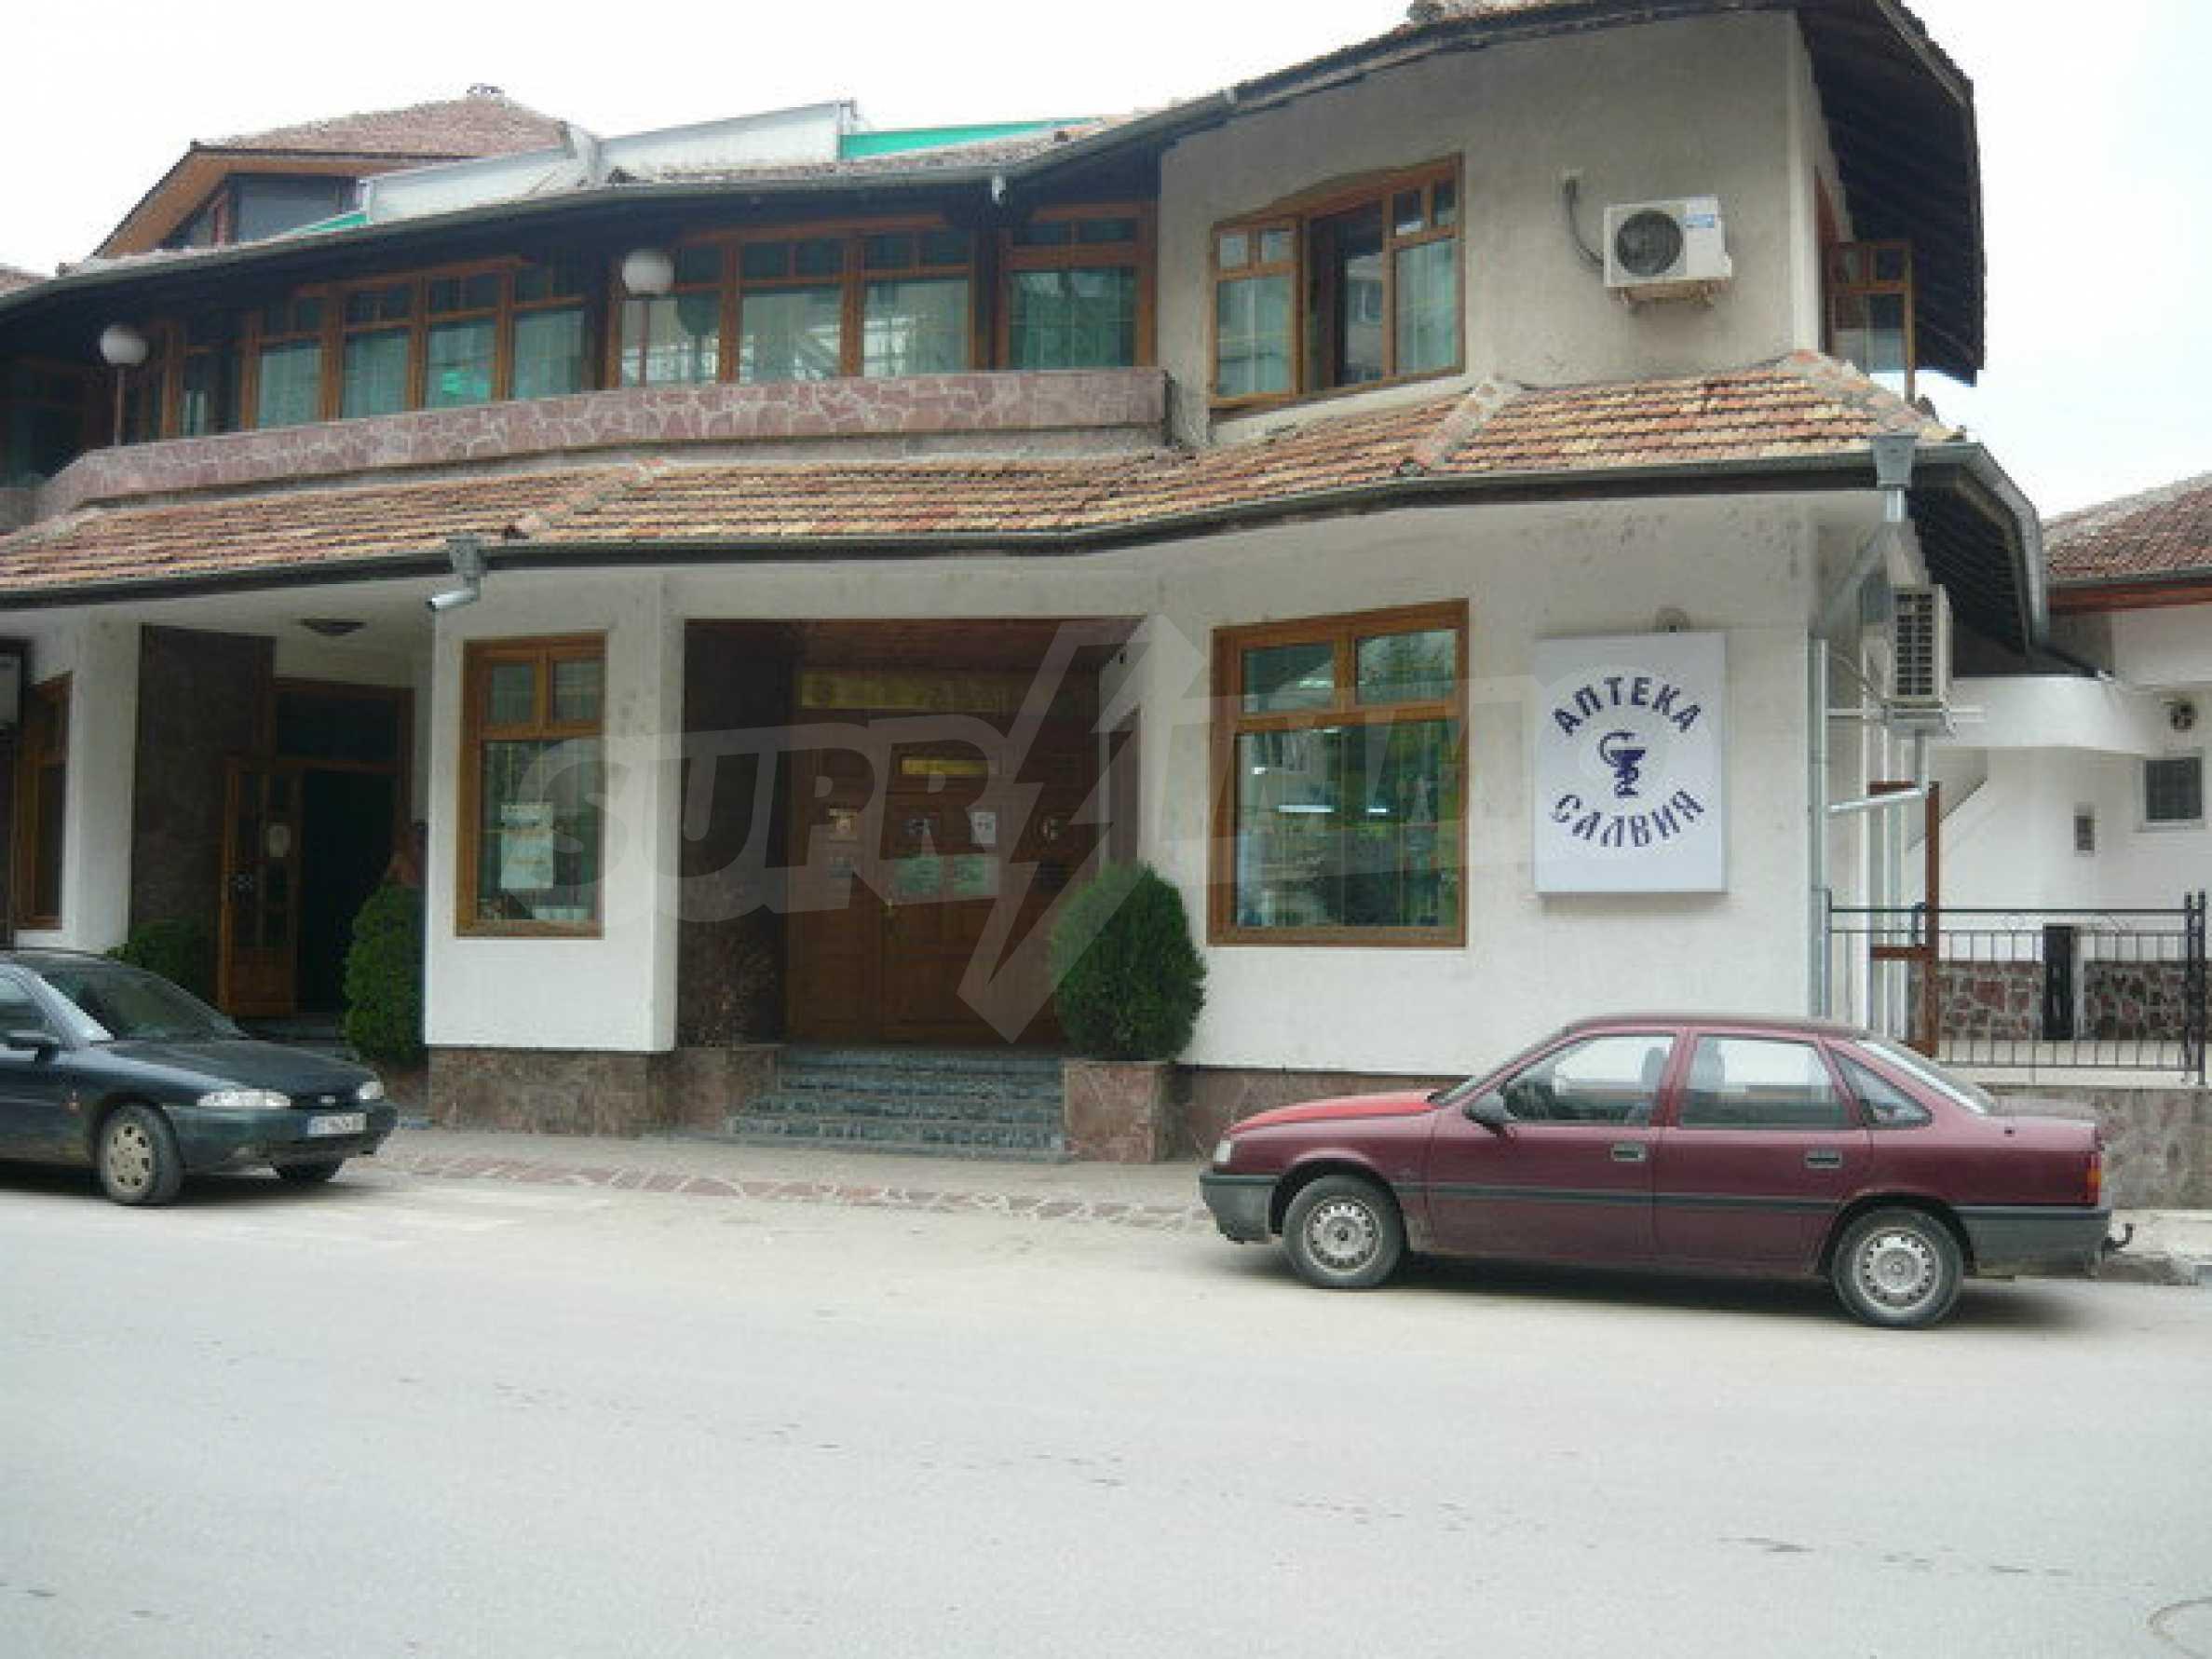 Здание, подходящее для разных видов бизнеса, расположенное в городе Велико Тырново 49